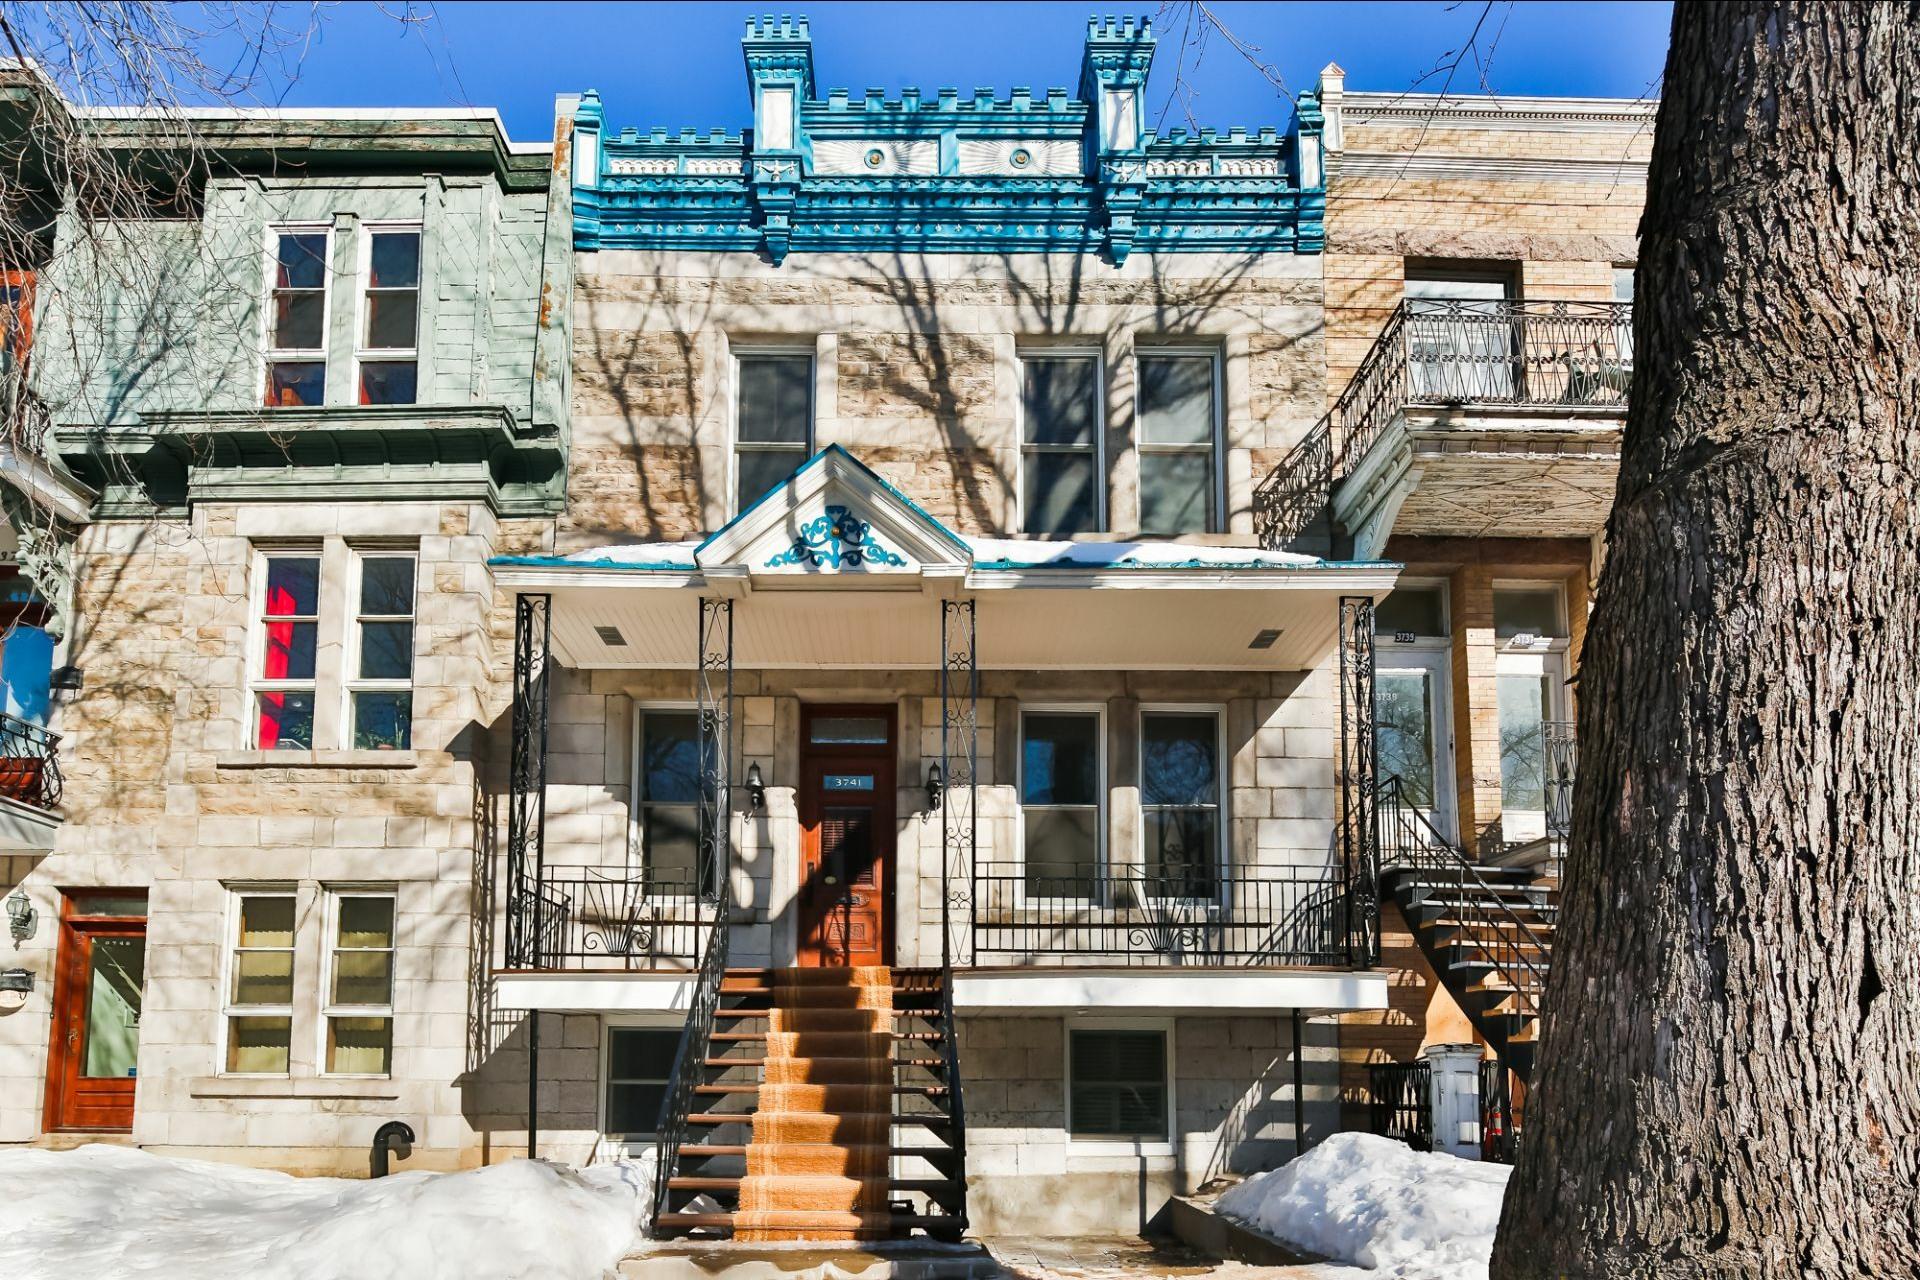 image 39 - Maison À vendre Montréal Le Plateau-Mont-Royal  - 13 pièces